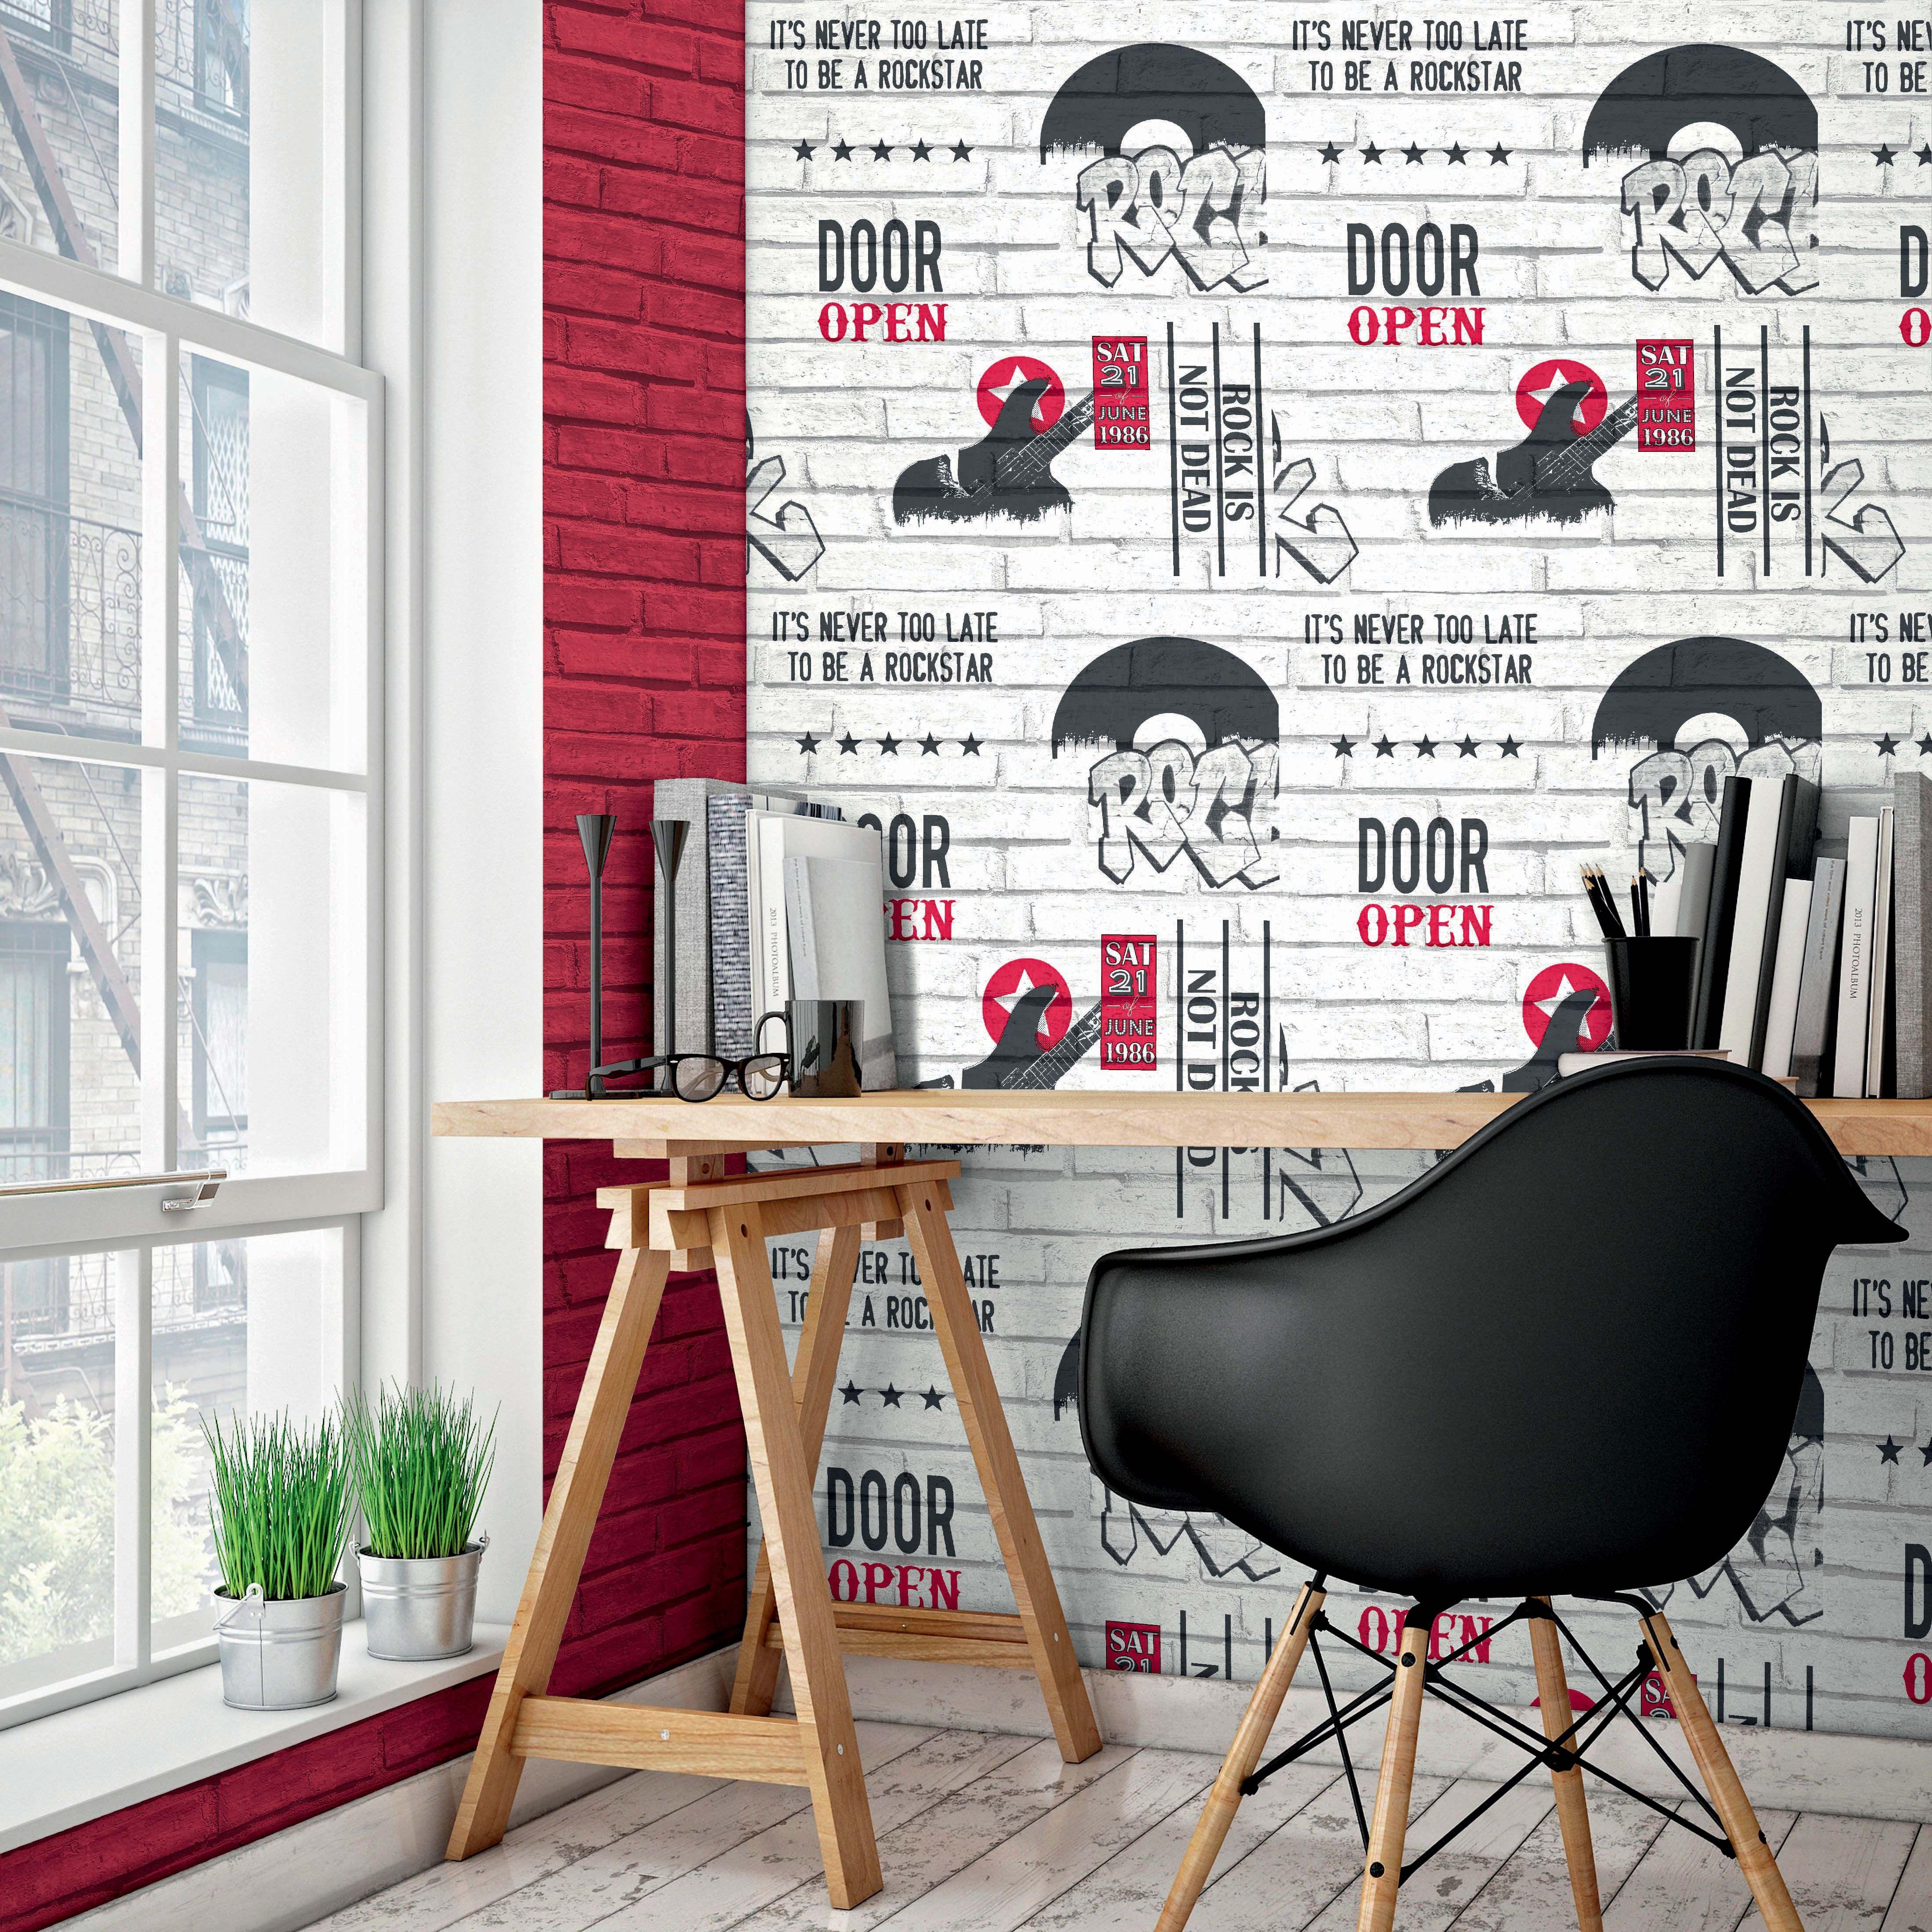 Chambre Ado Avec Papier Peint Brique assortiment de papiers peints briques rouges et briques